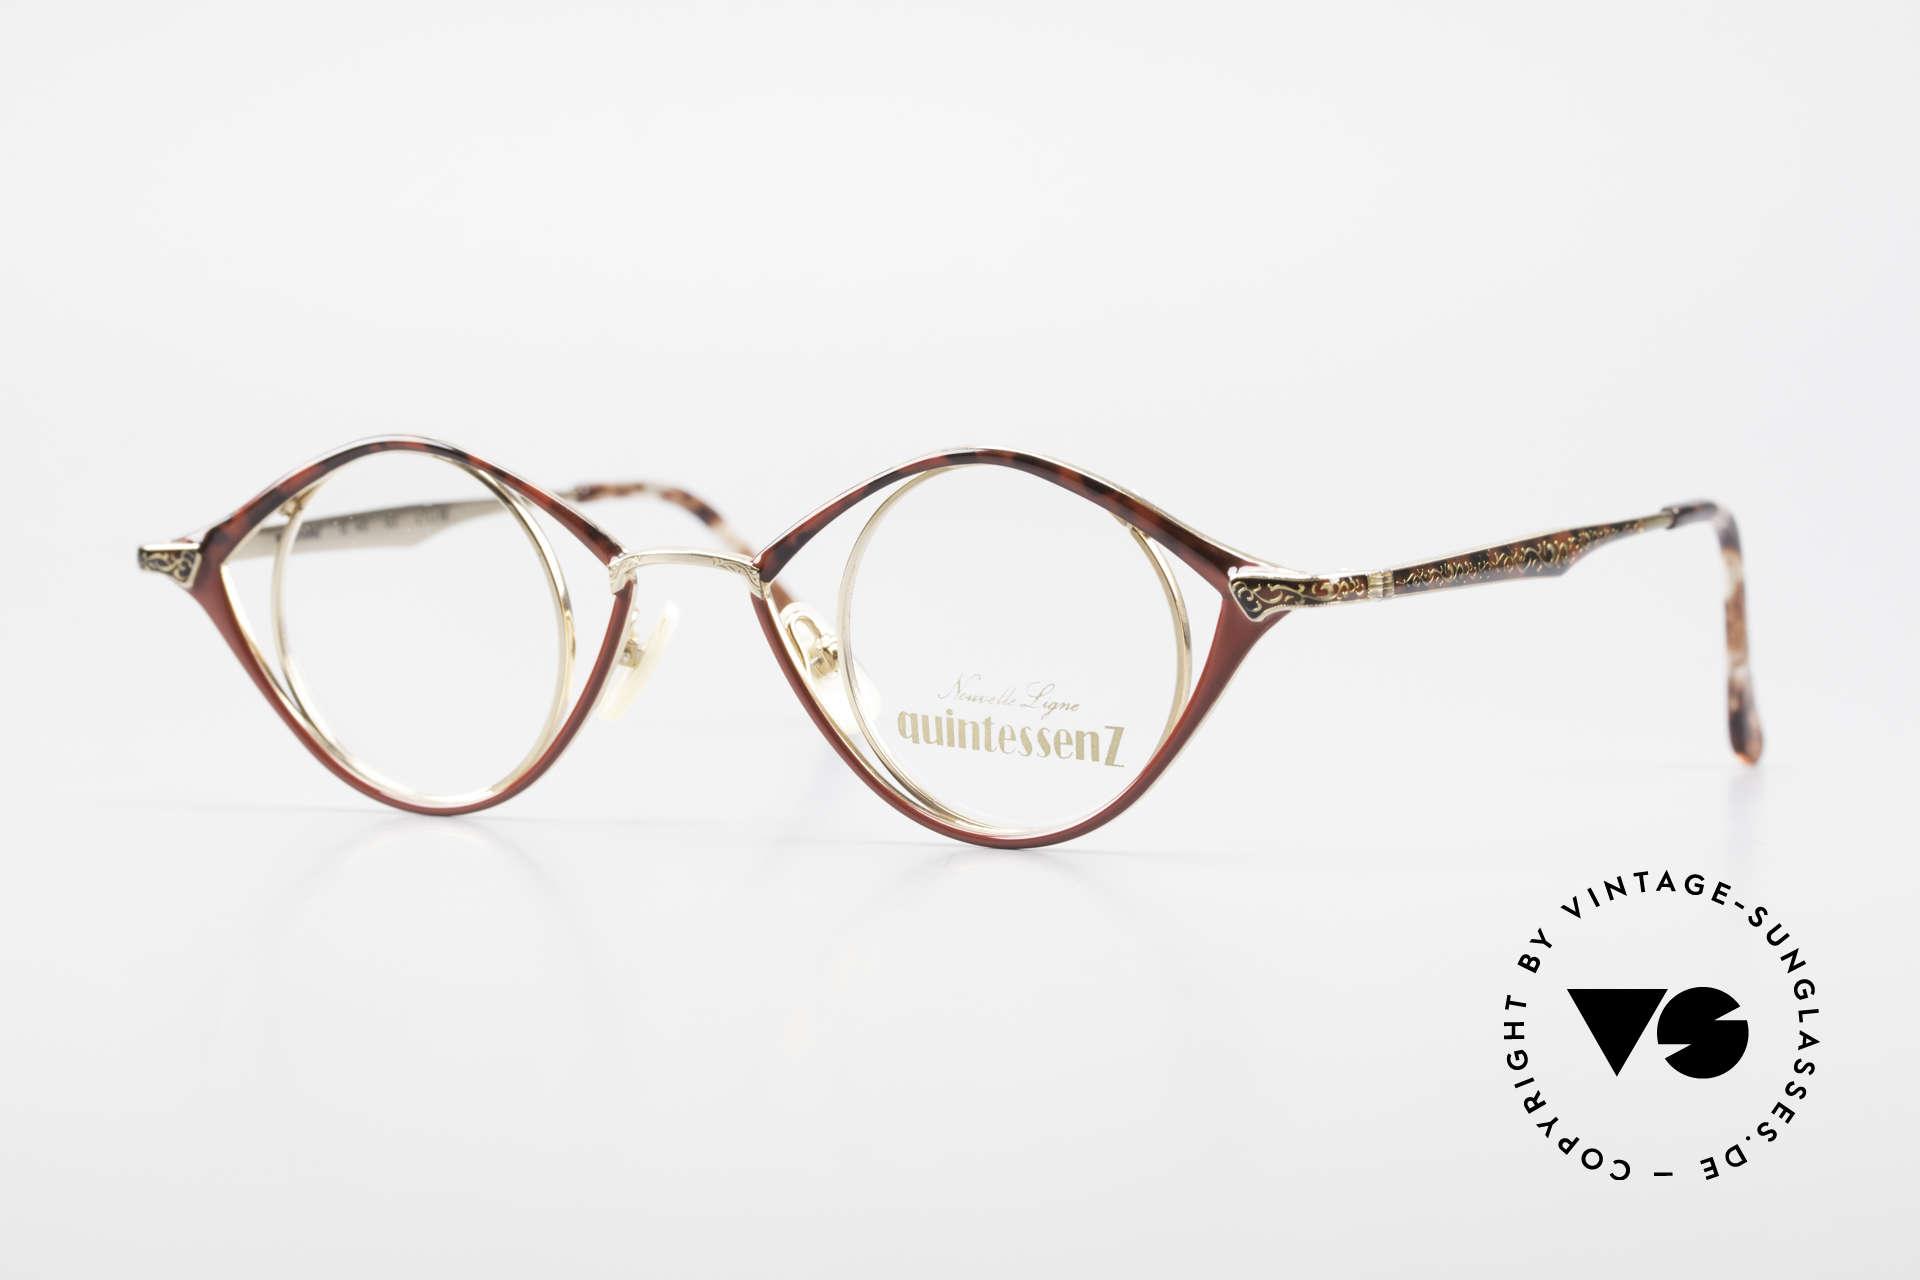 Nouvelle Ligne Q40 Vintage Damenbrille No Retro, Nouvelle Ligne Germany, Q40, MADE IN JAPAN, Passend für Damen